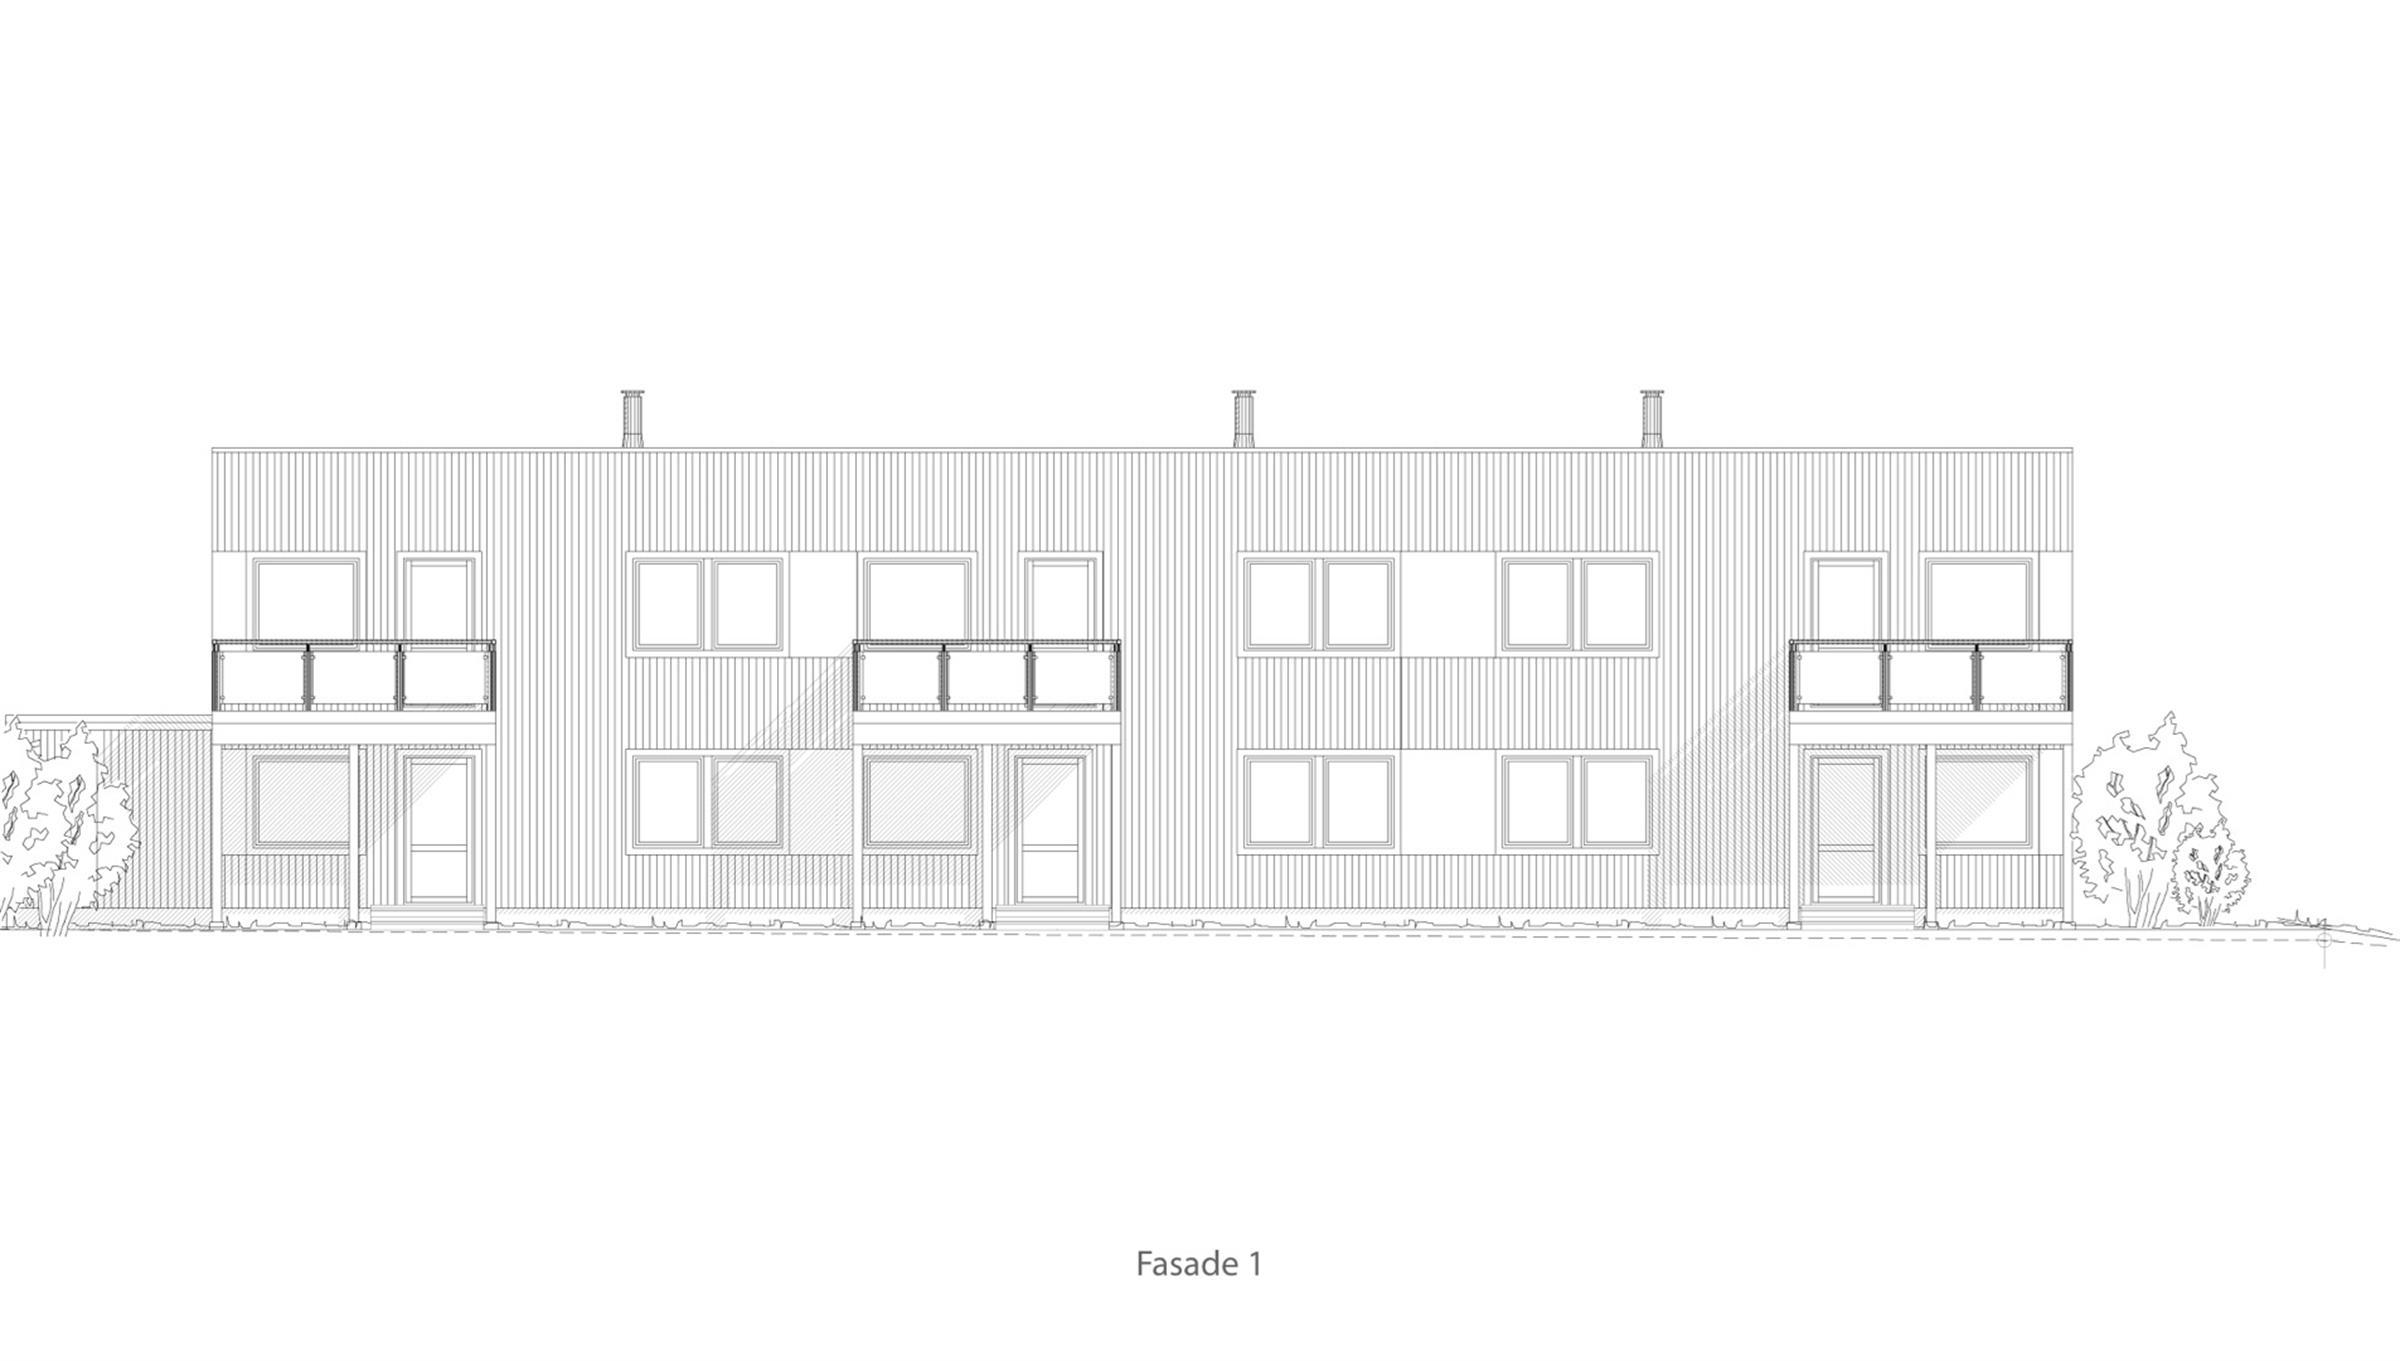 Jessheim fasade 1